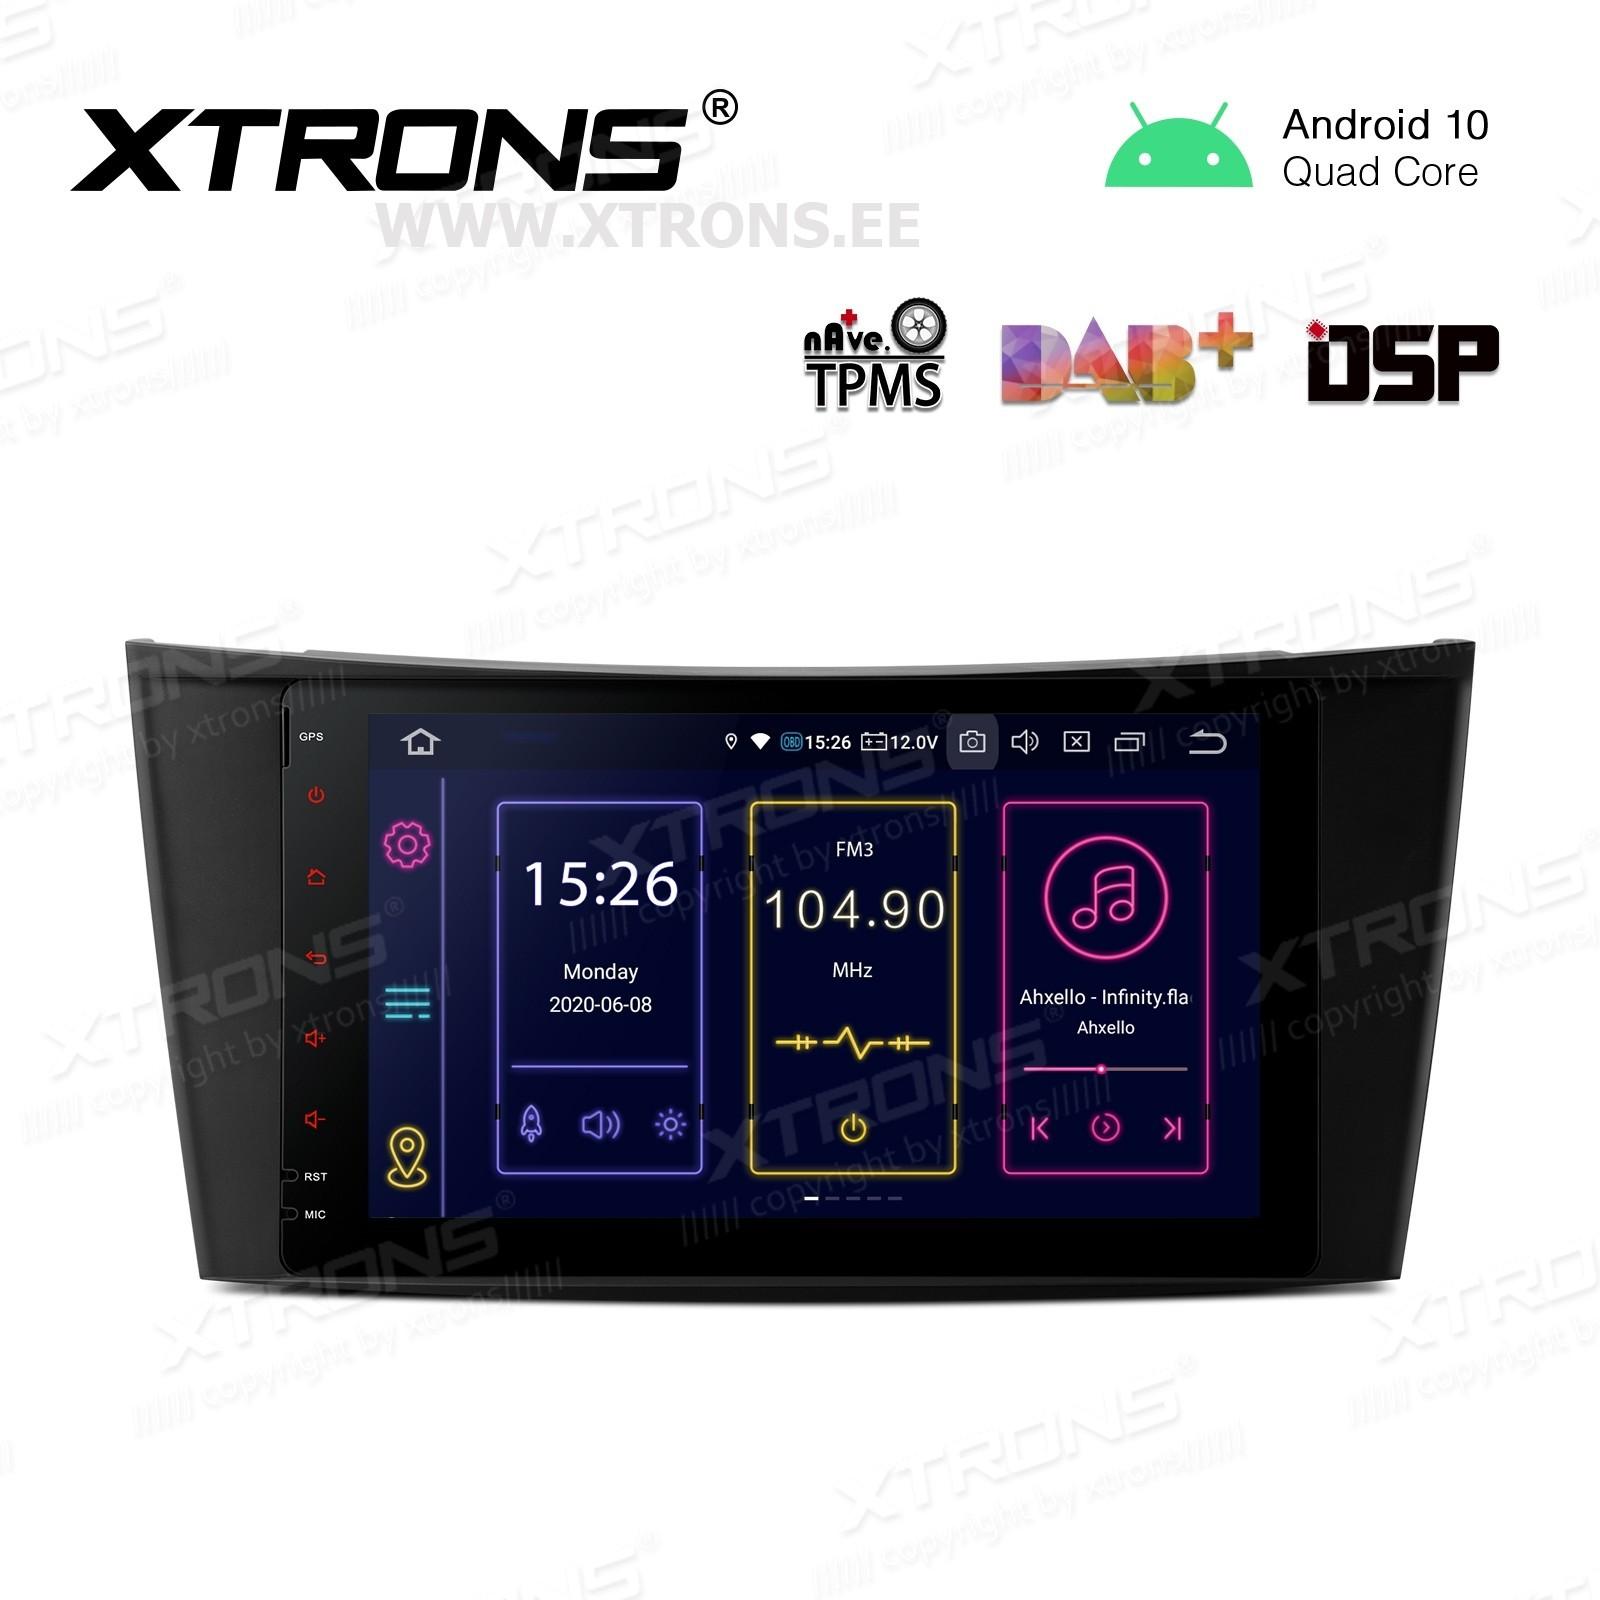 XTRONS IB80M211EL